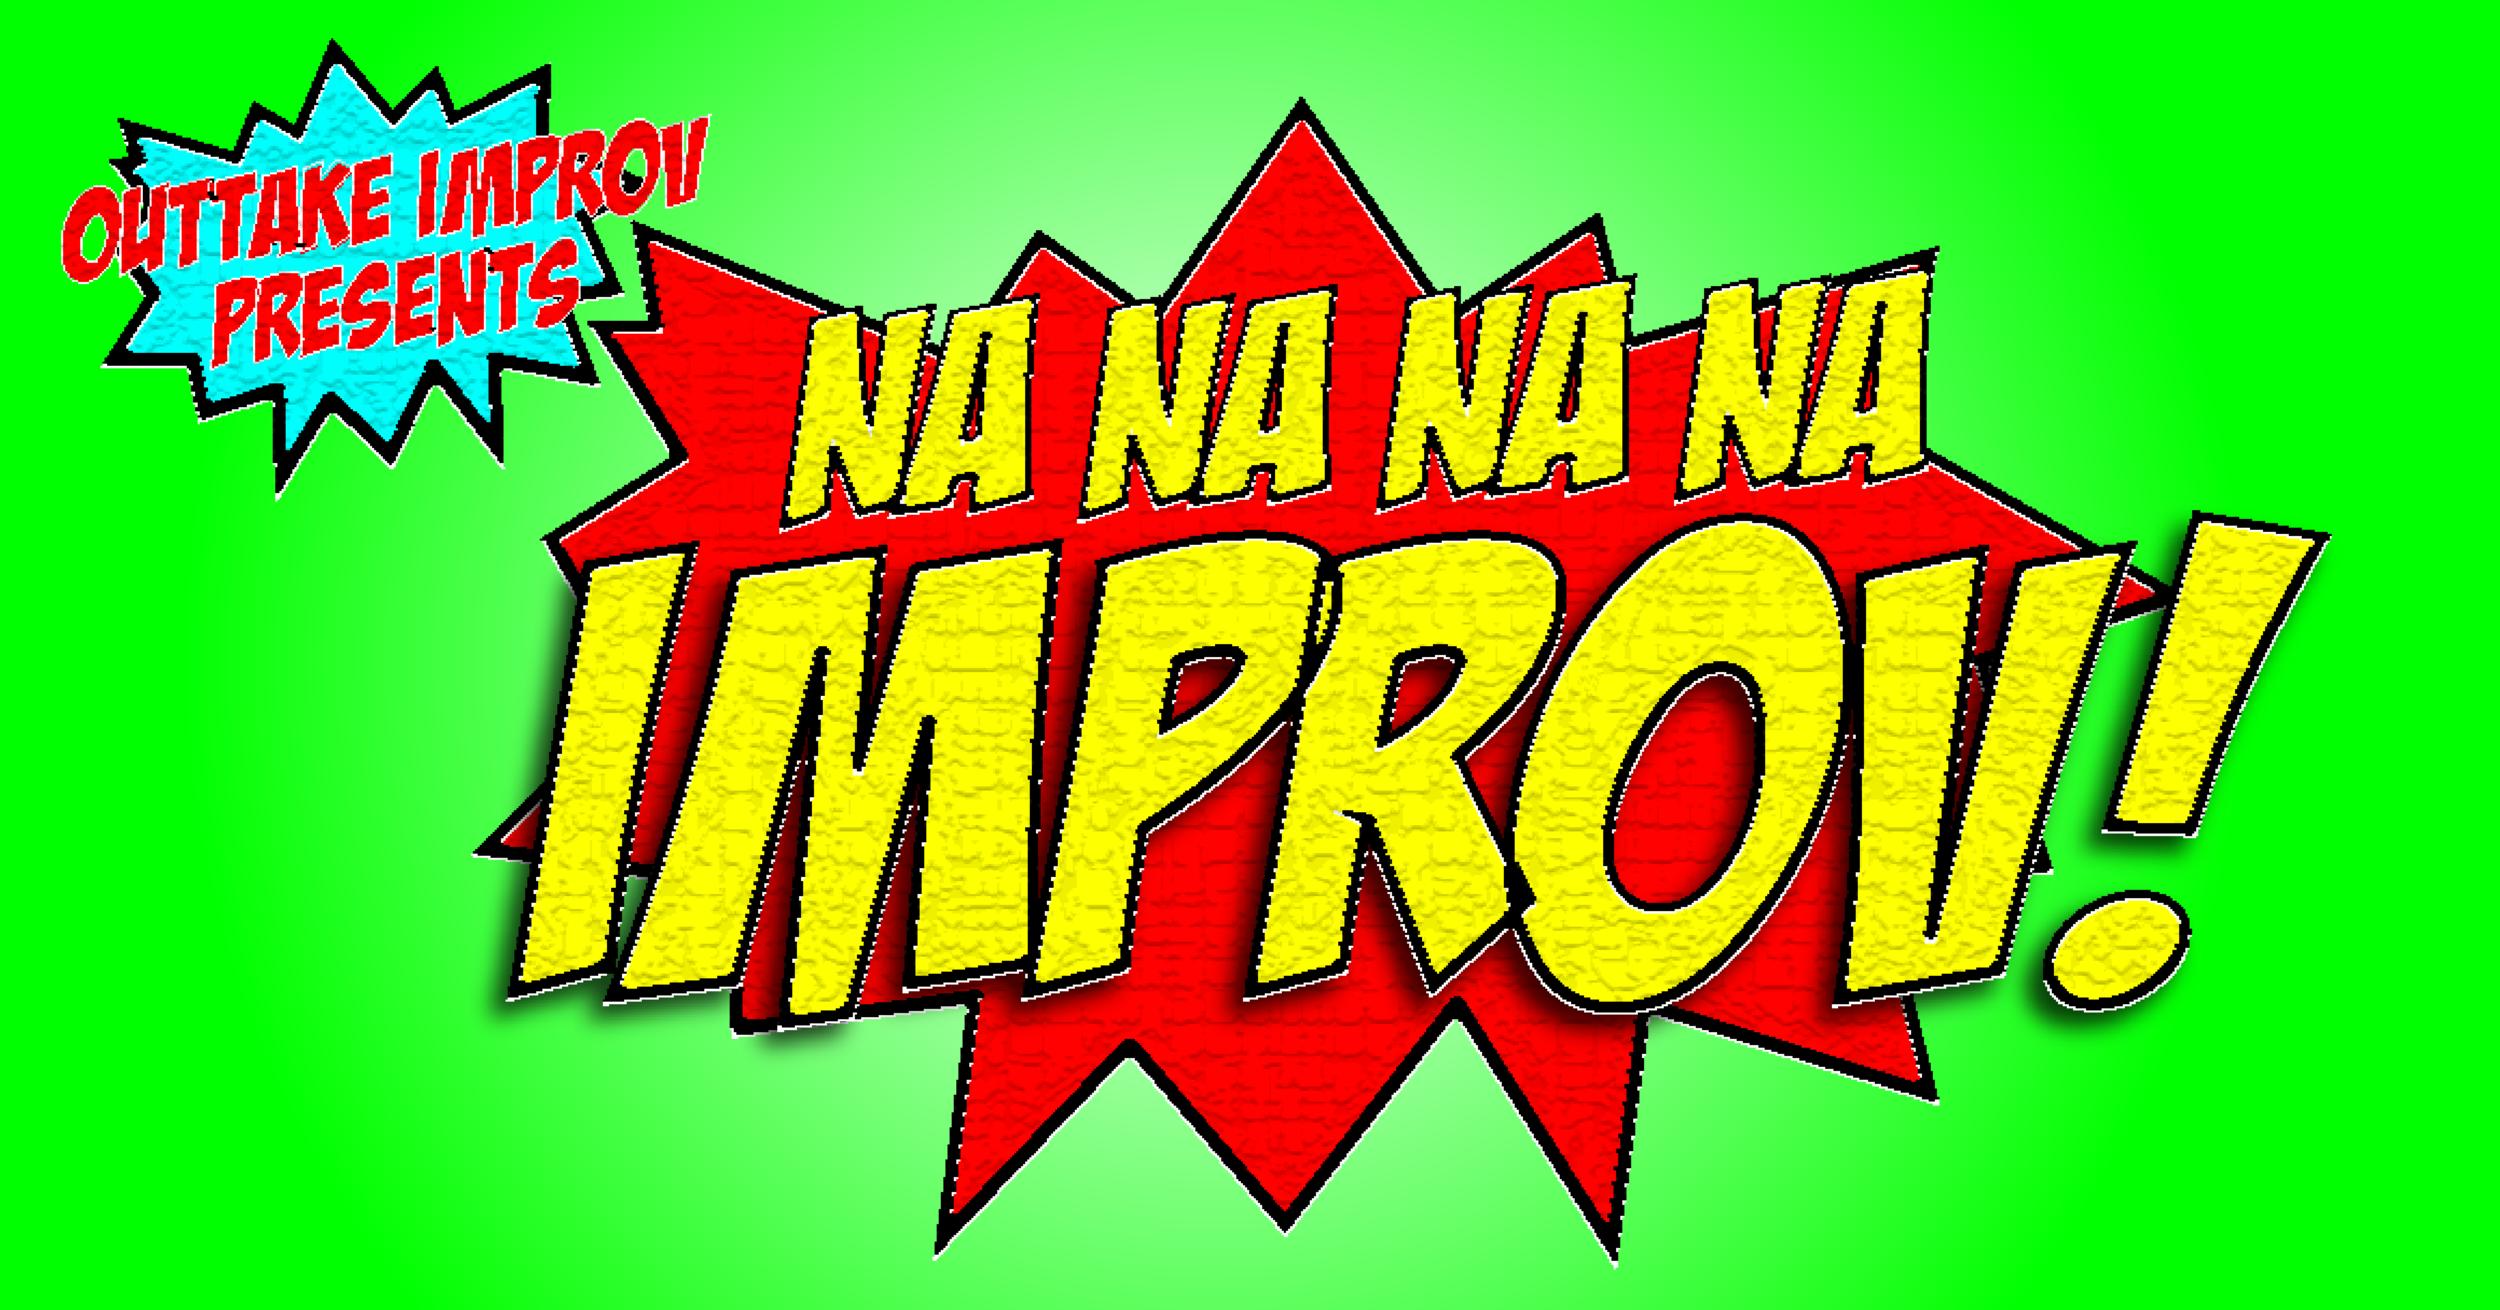 Na Na Na Na Improv! - Event Photo.png